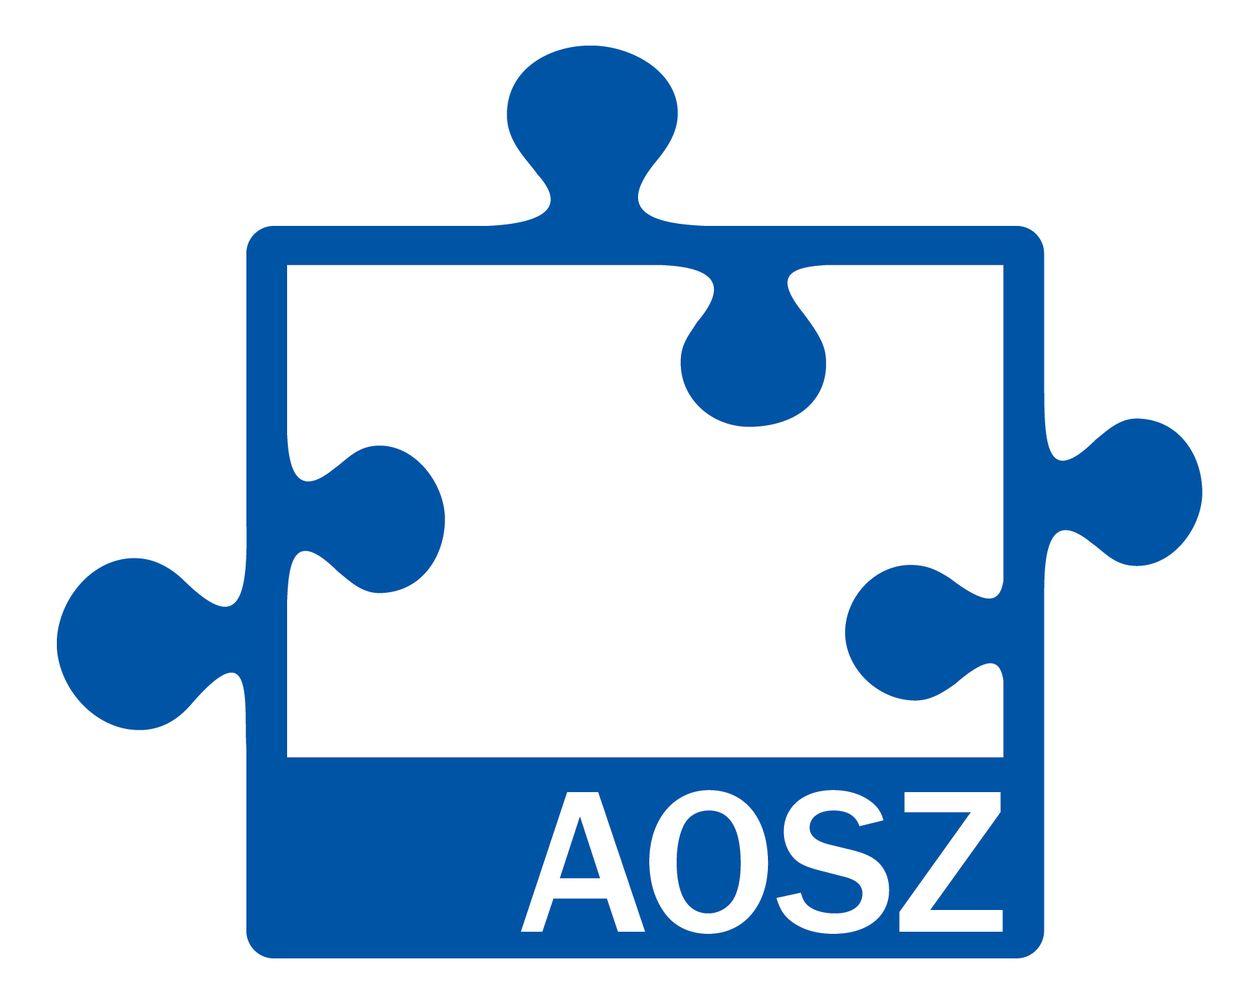 A képen kék színnel egy kirakó darabja látható AOSZ felirattal.